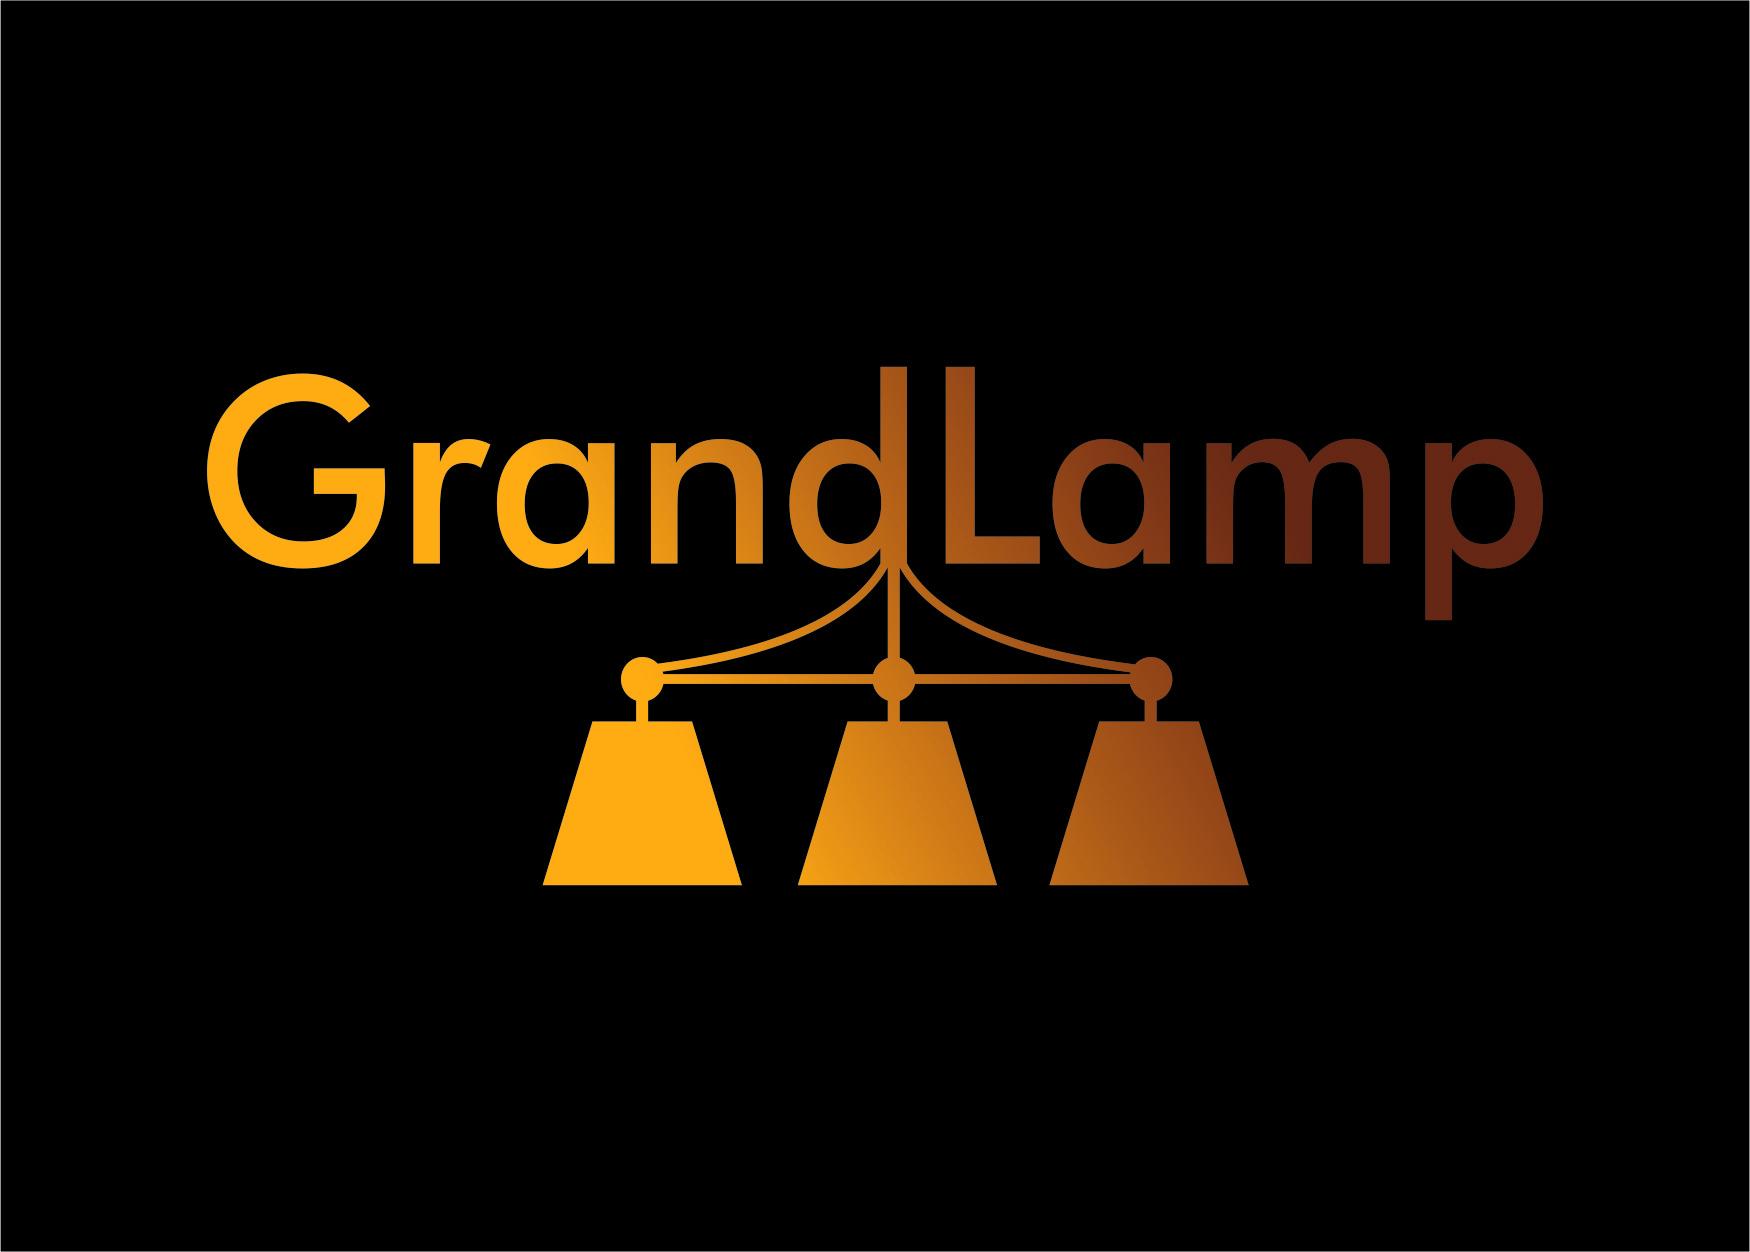 Разработка логотипа и элементов фирменного стиля фото f_77957e00f5884424.jpg